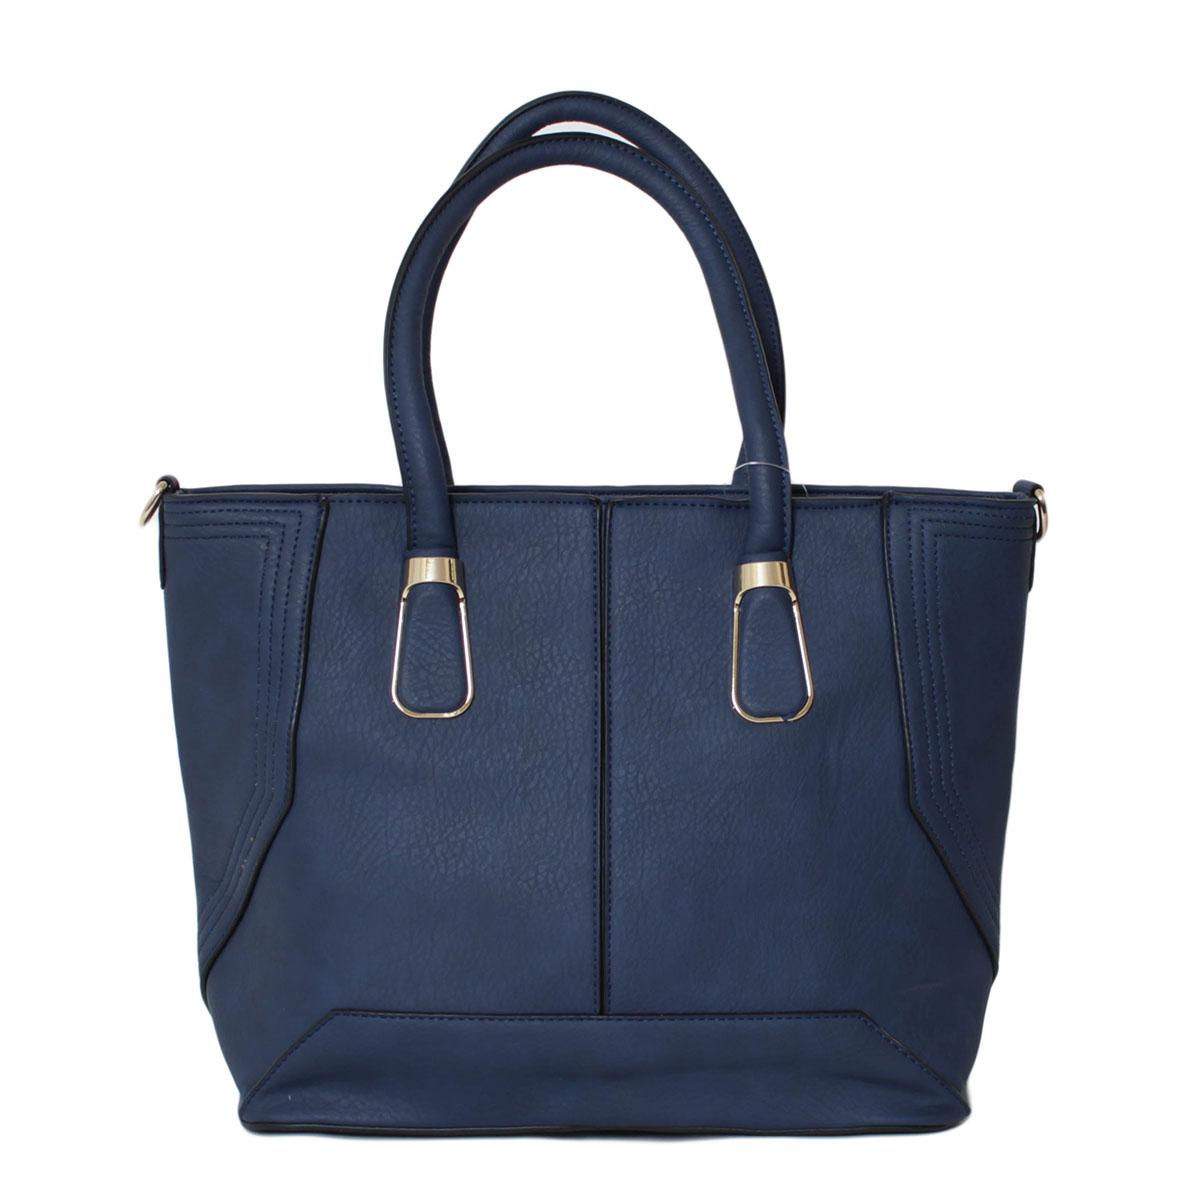 Сумка женская Flioraj, цвет: синий. 0005220900052209Закрывается на молнию. Внутри одно отделение, один карман на молнии, два открытых кармана. Снаружи один карман на молнии. Высота ручек - 21 см.